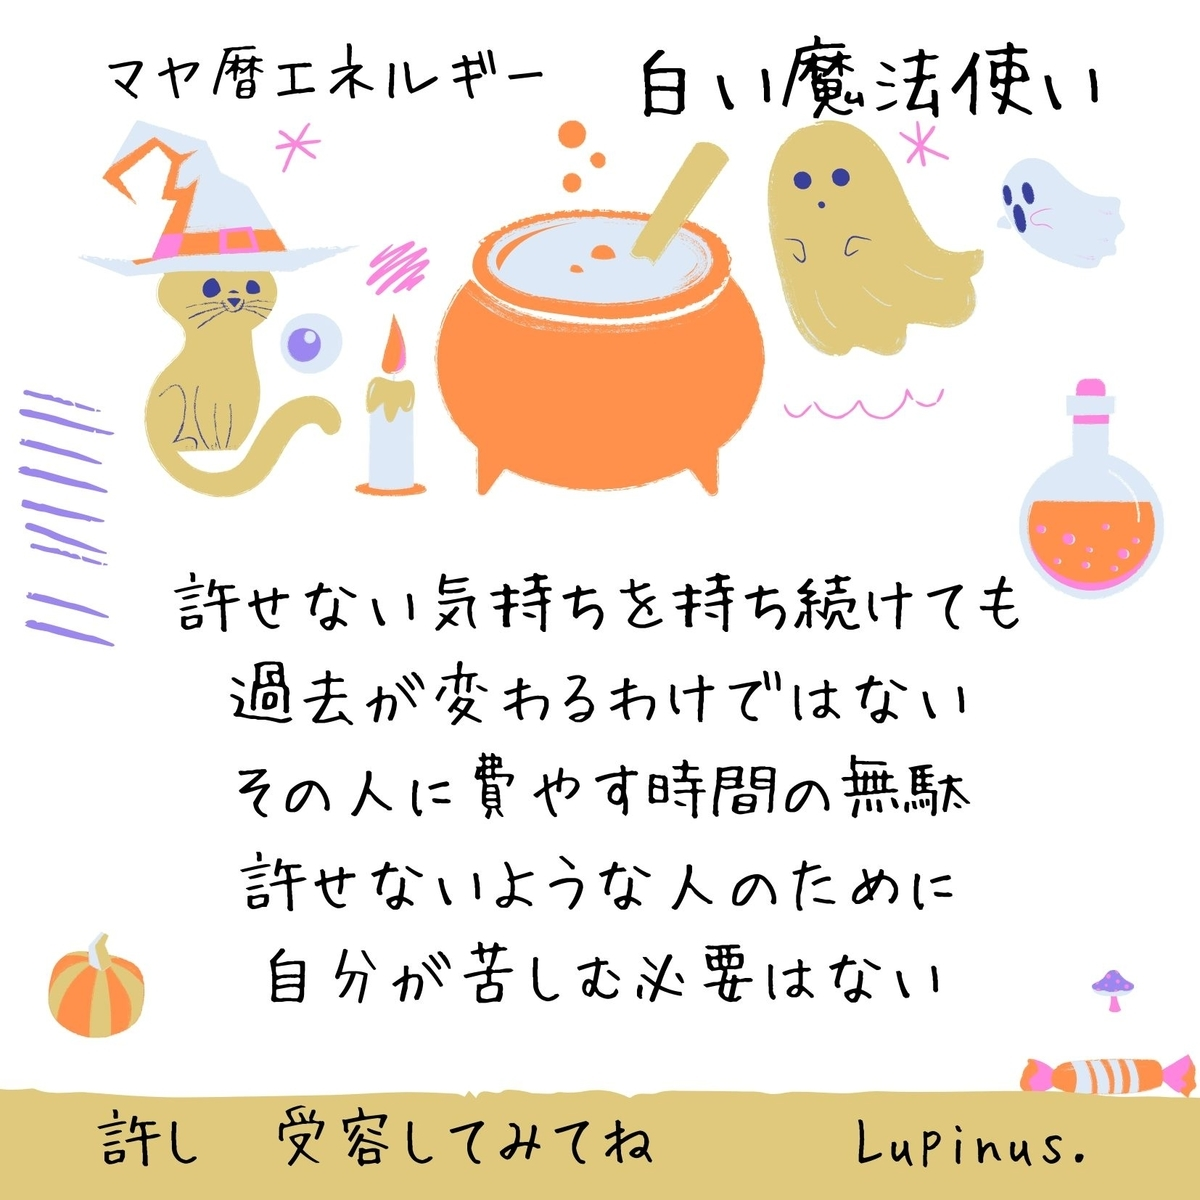 f:id:Lupinus104:20201222065746j:plain